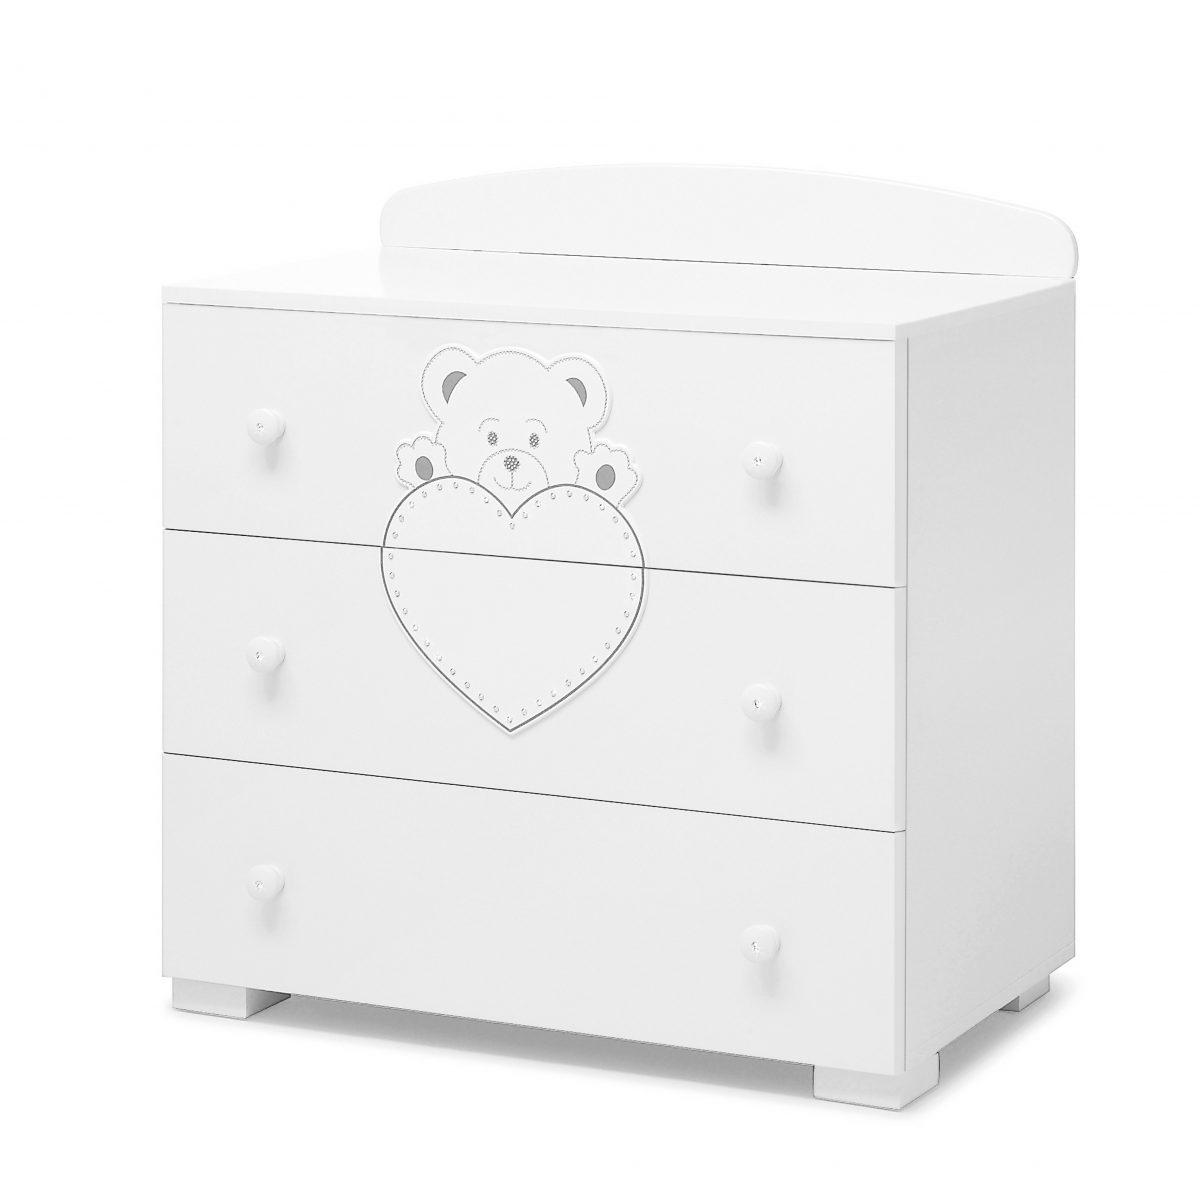 luxusní dětský nábytek - komoda Lulu se Swarovski elementy